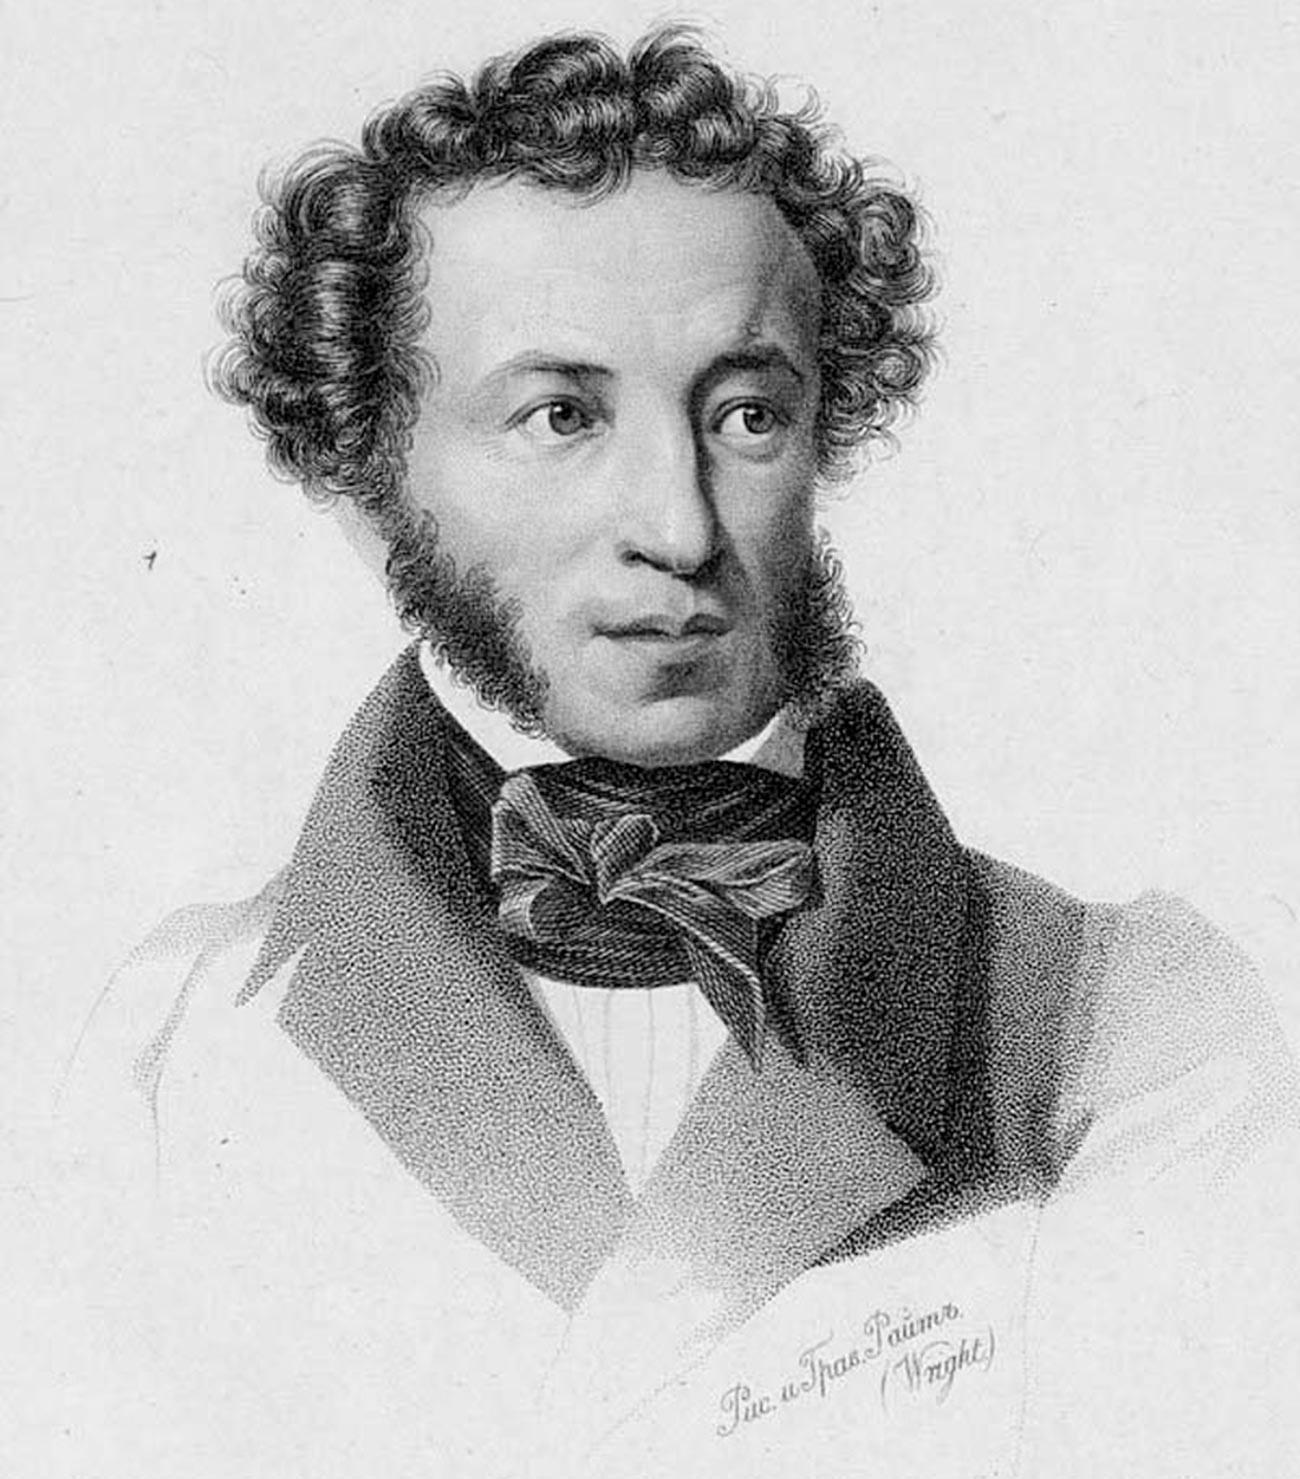 Potret Aleksandr Pushkin